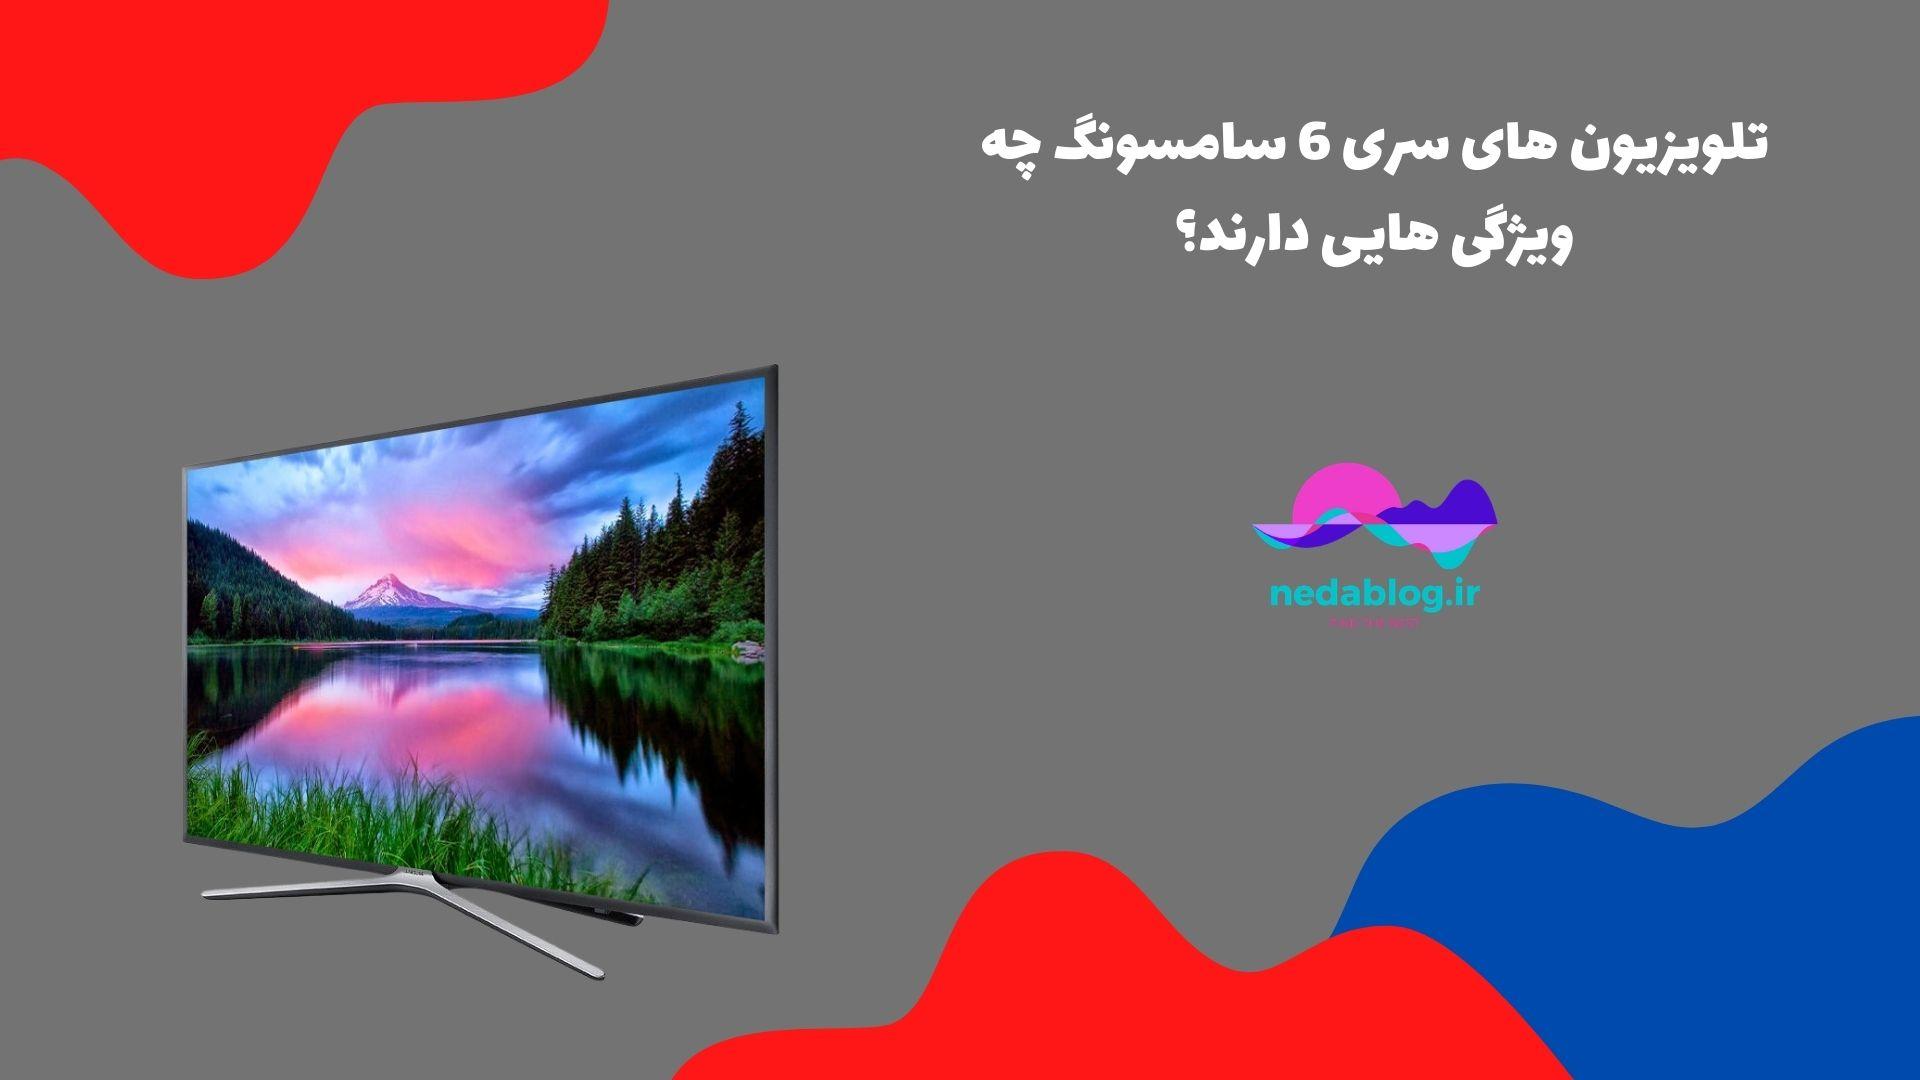 تلویزیون های سری 6 سامسونگ چه ویژگی هایی دارند؟